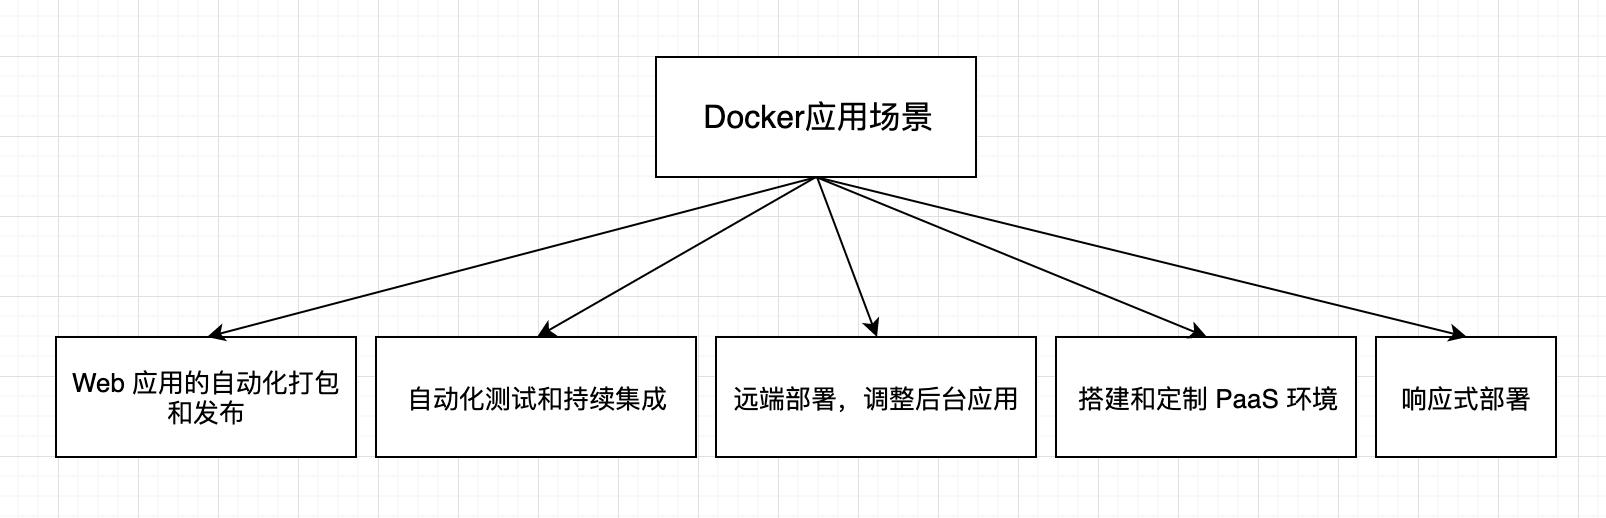 30分钟带你了解Web工程师必知的Docker知识